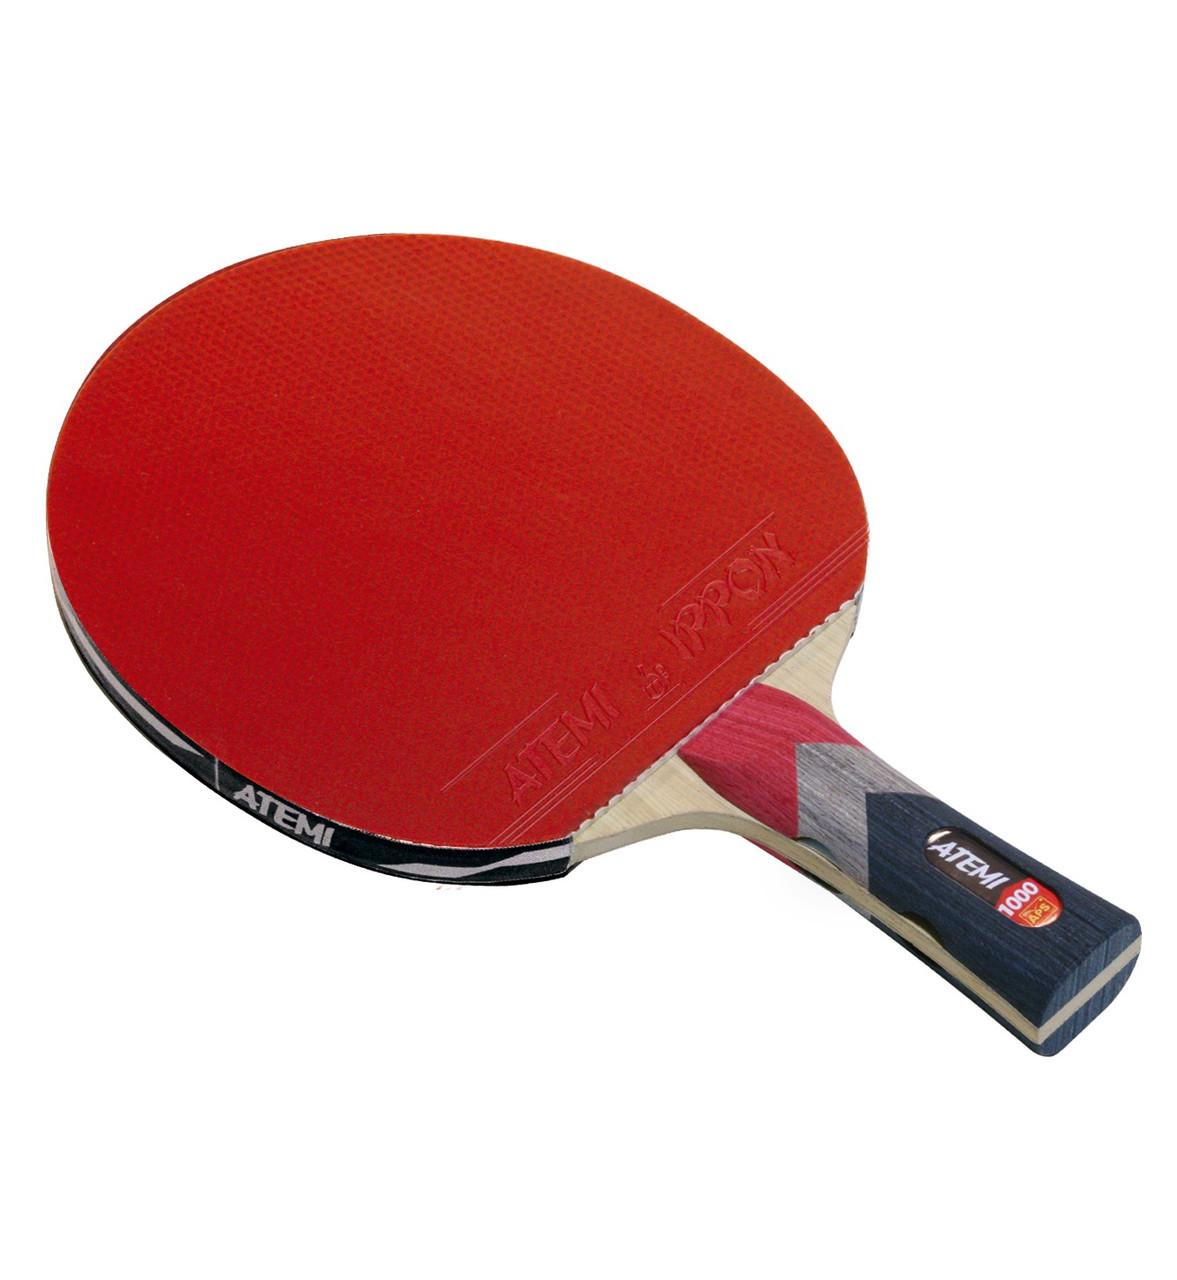 Ракетка для настольного тенниса ATEMI PRO 1000С